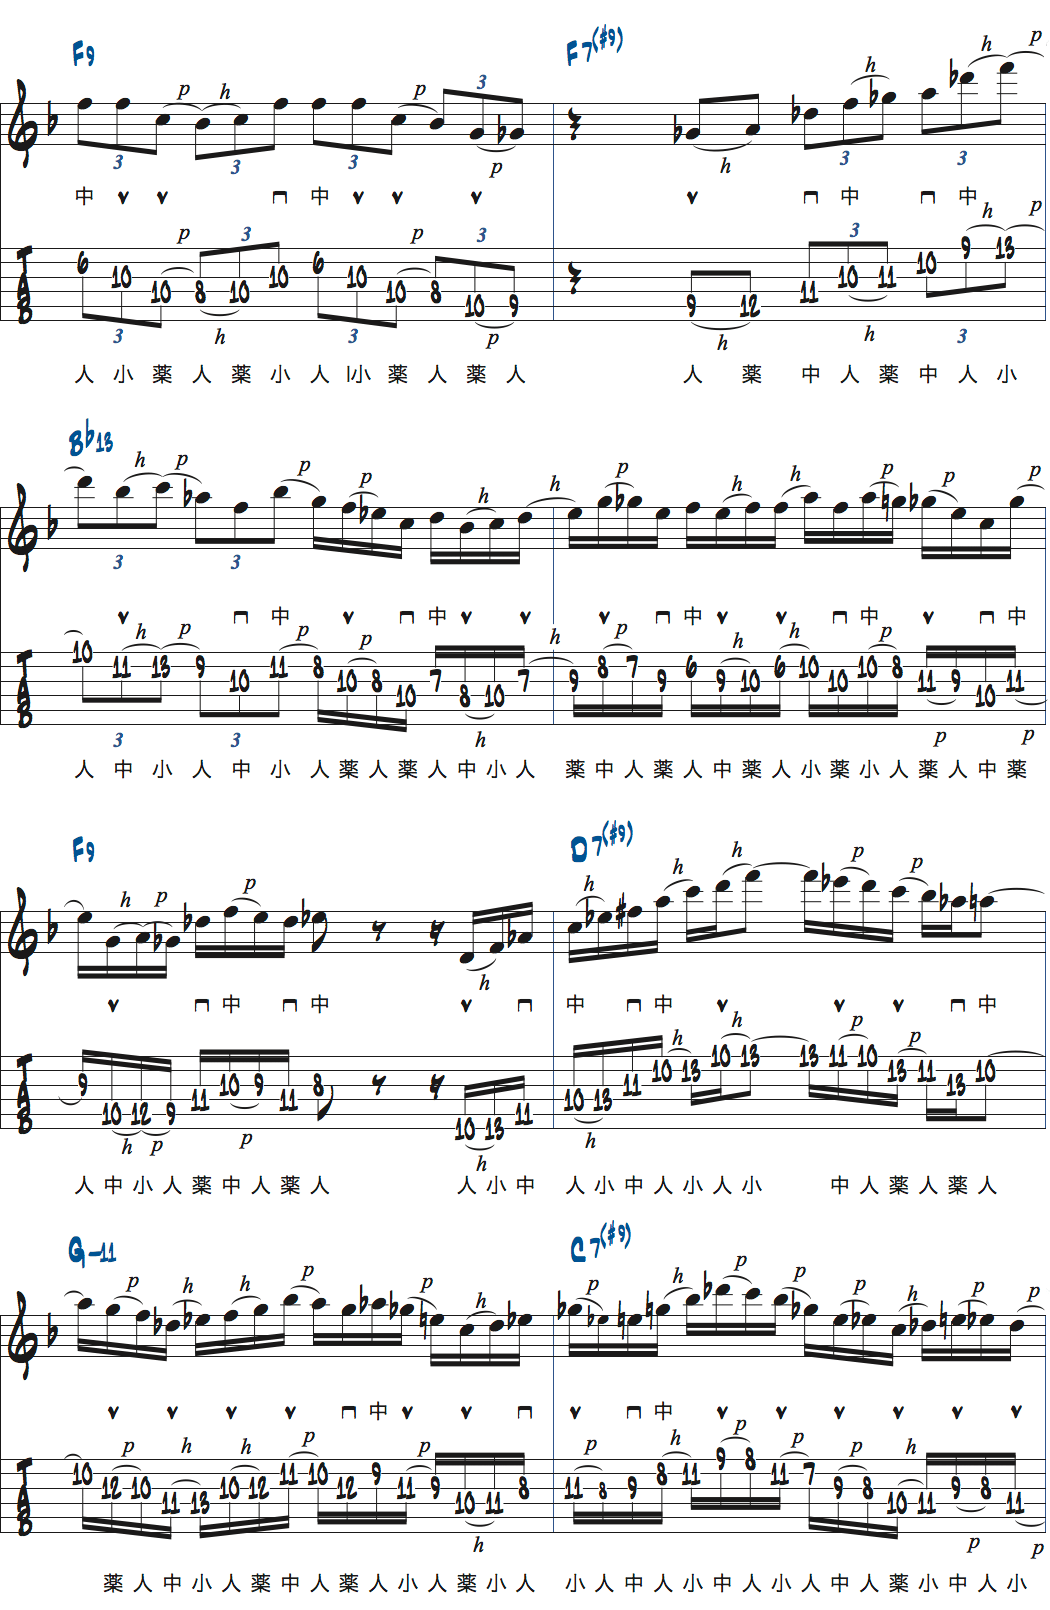 ティム・ミラーのハイブリッド・ピッキングを使ったブルースでのアドリブ4コラース目2ページ目楽譜